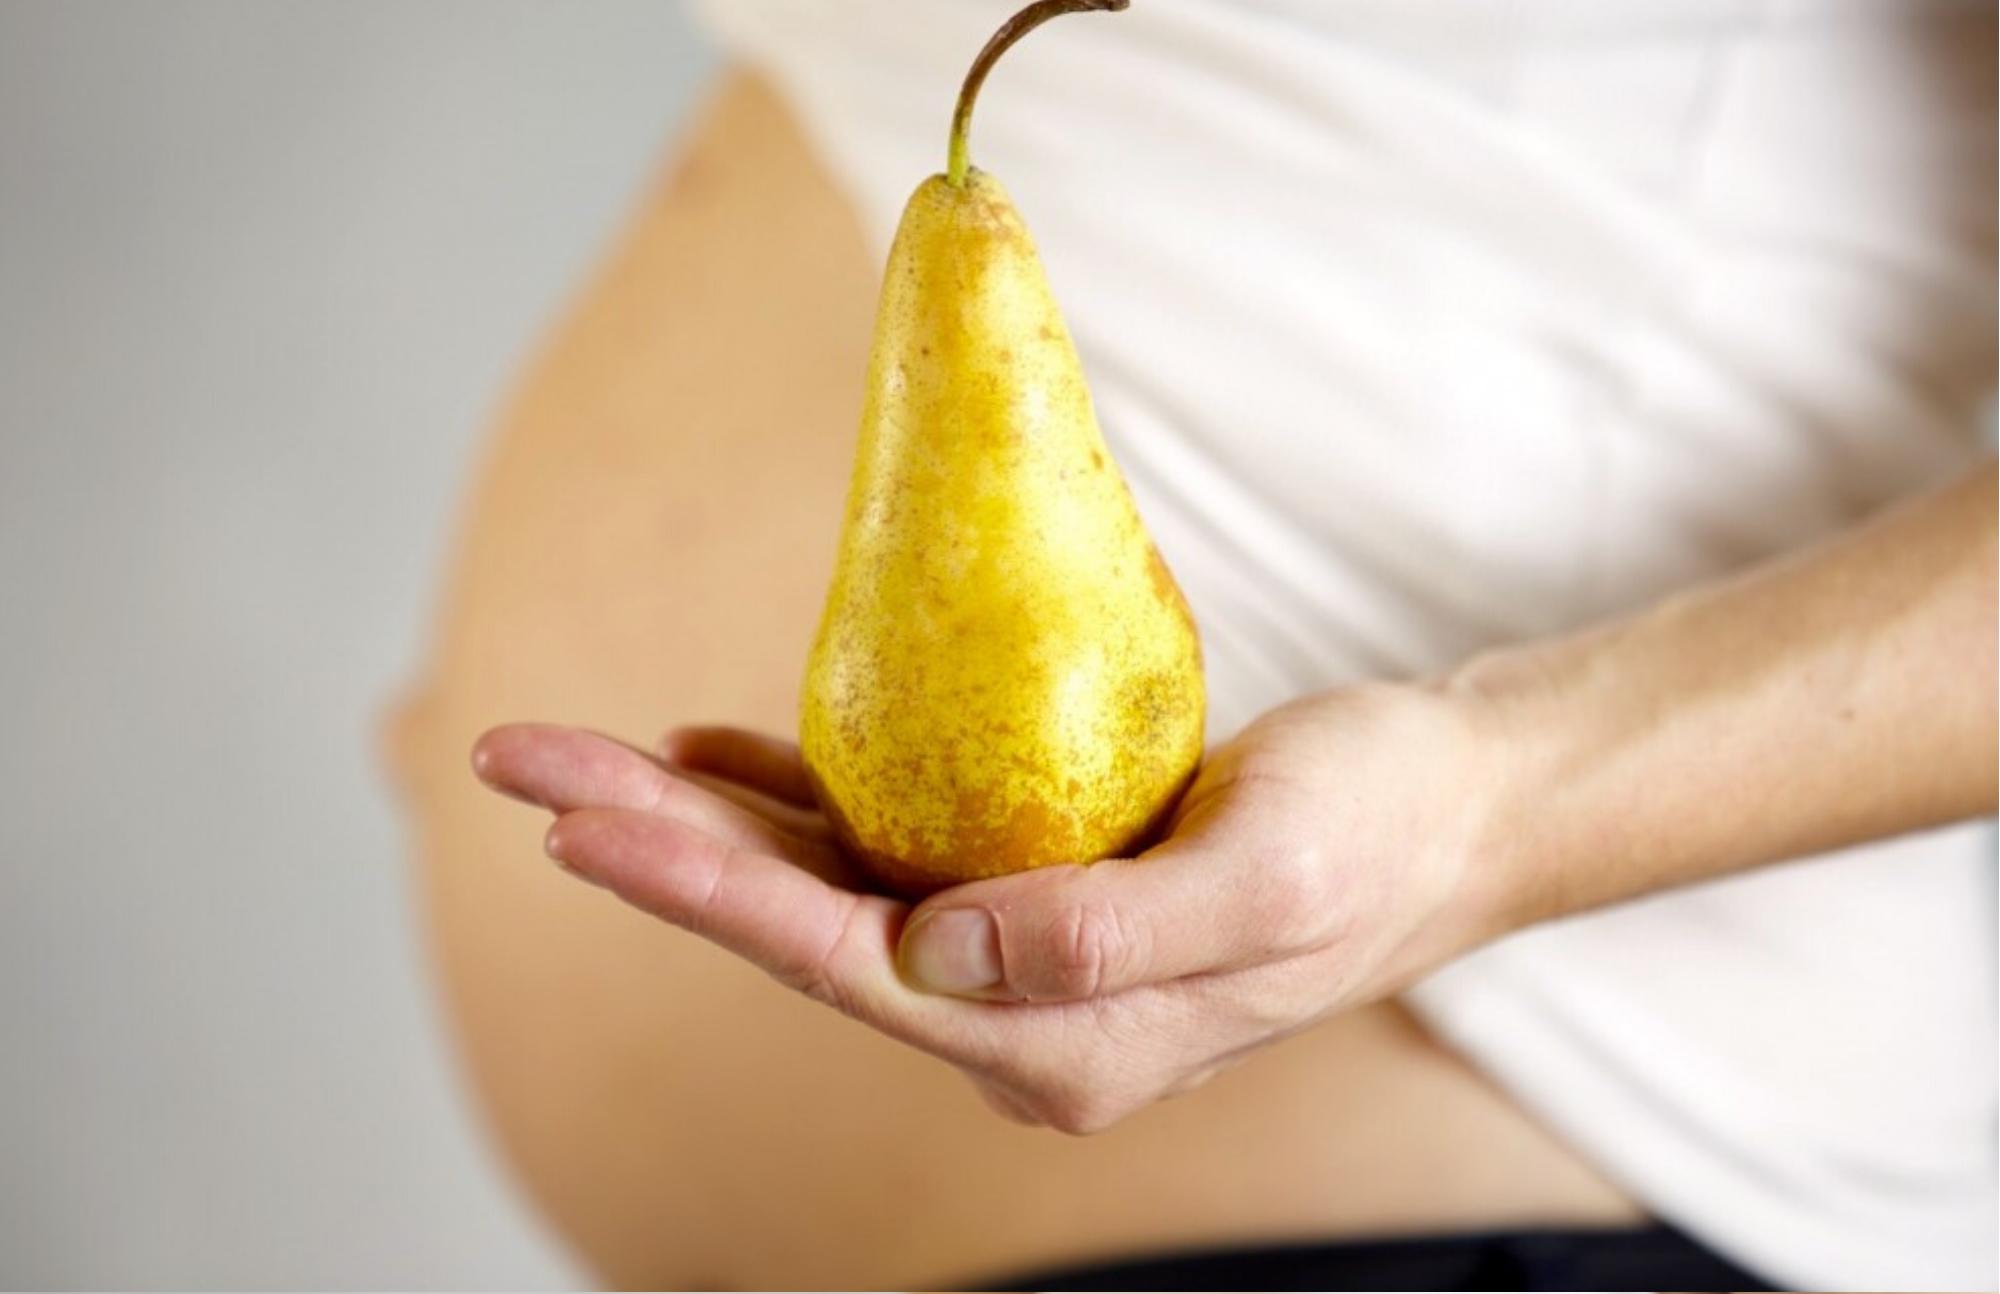 judith-rolf-zwanger-gezond-17x11cm